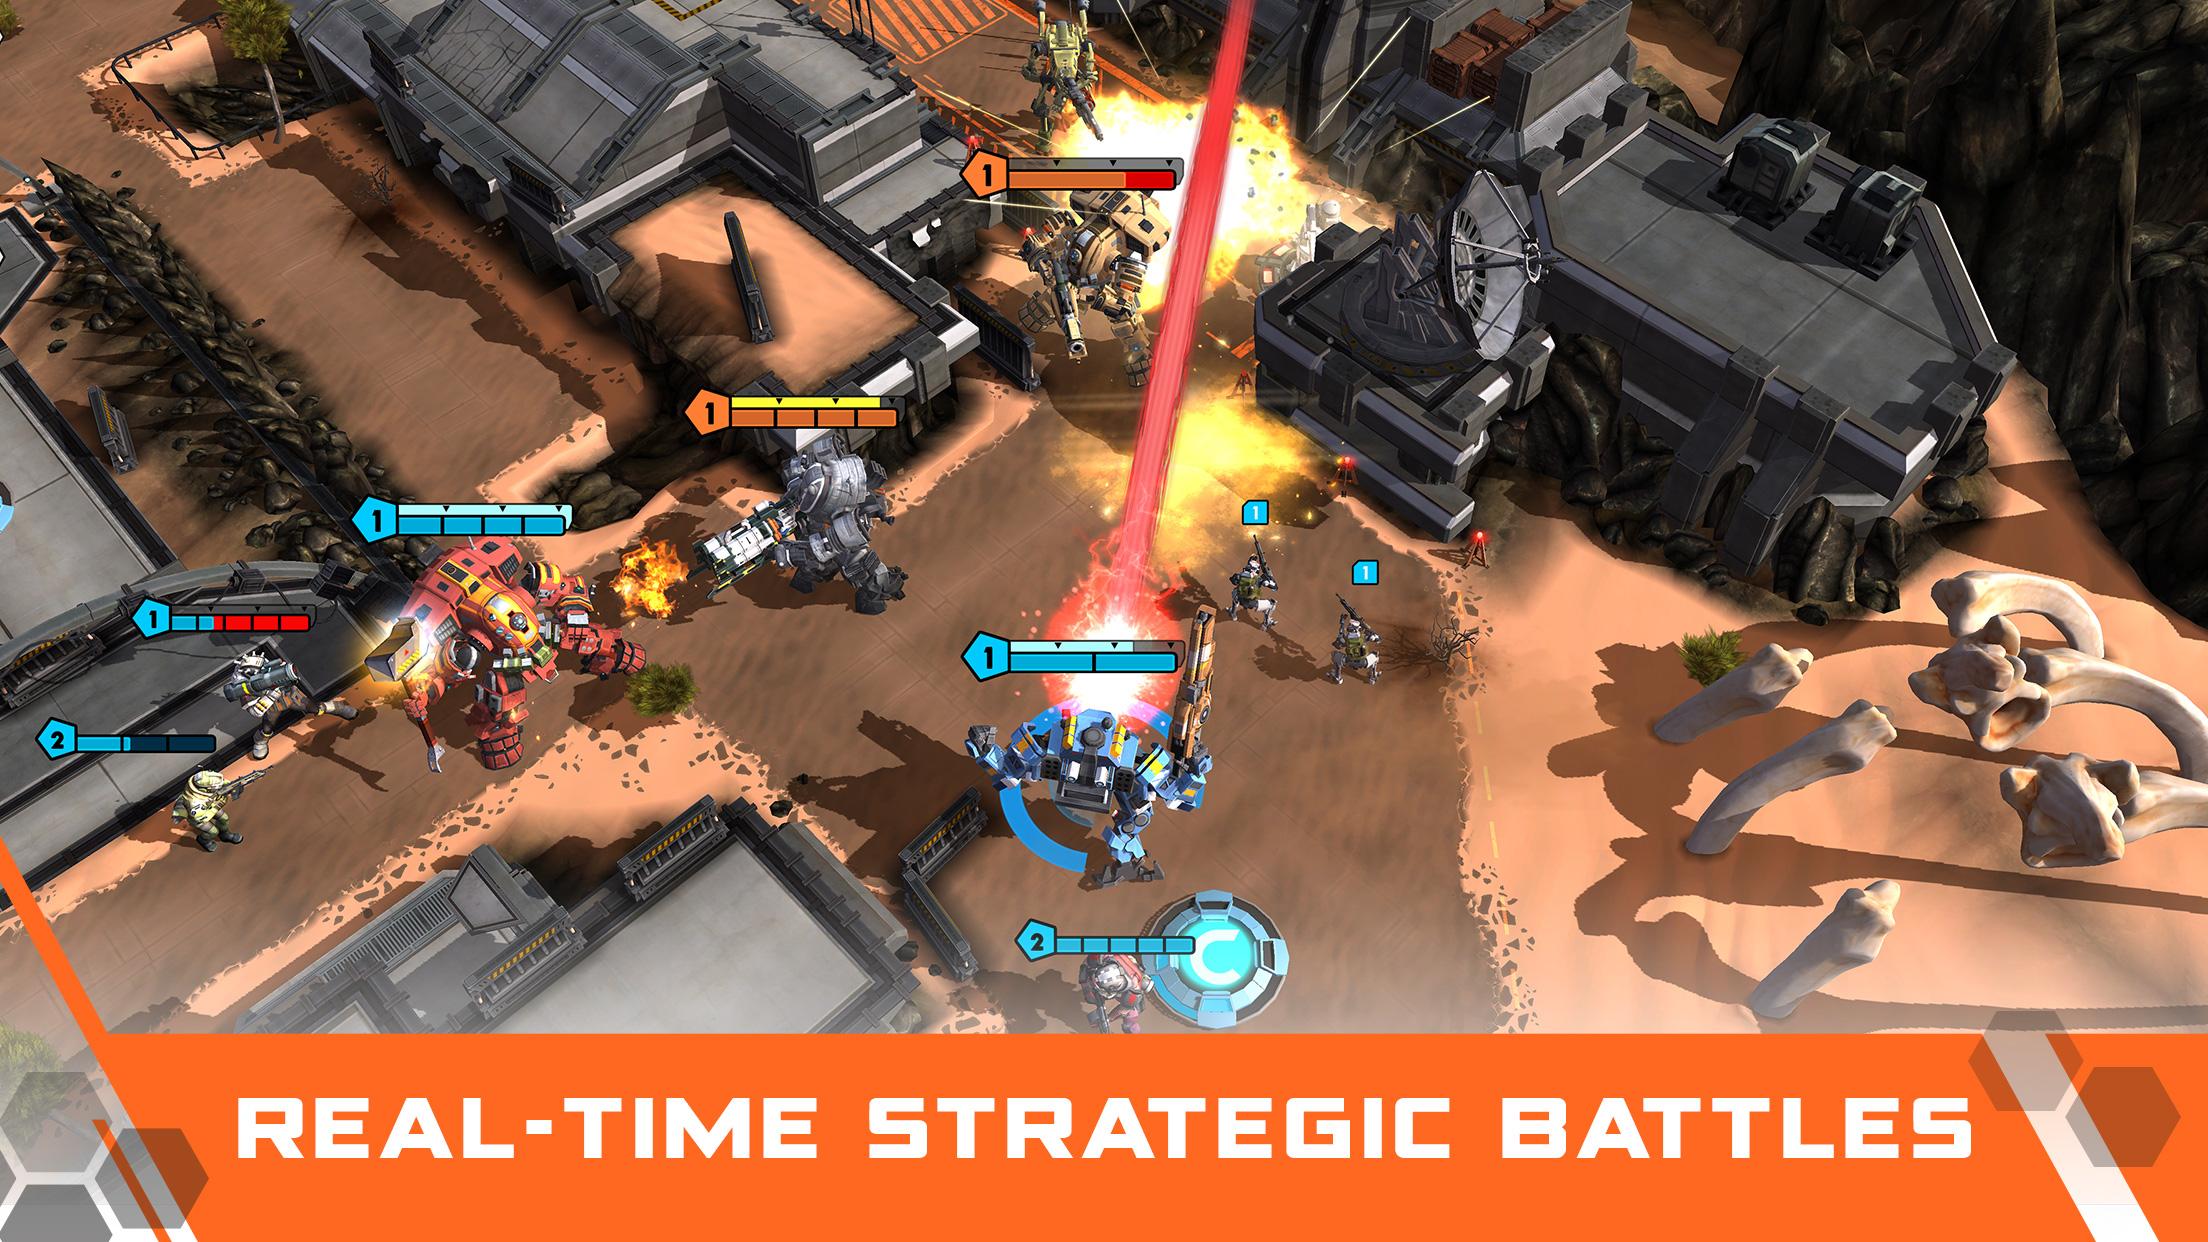 Novo Titanfall é um game de estratégia para dispositivos mobile